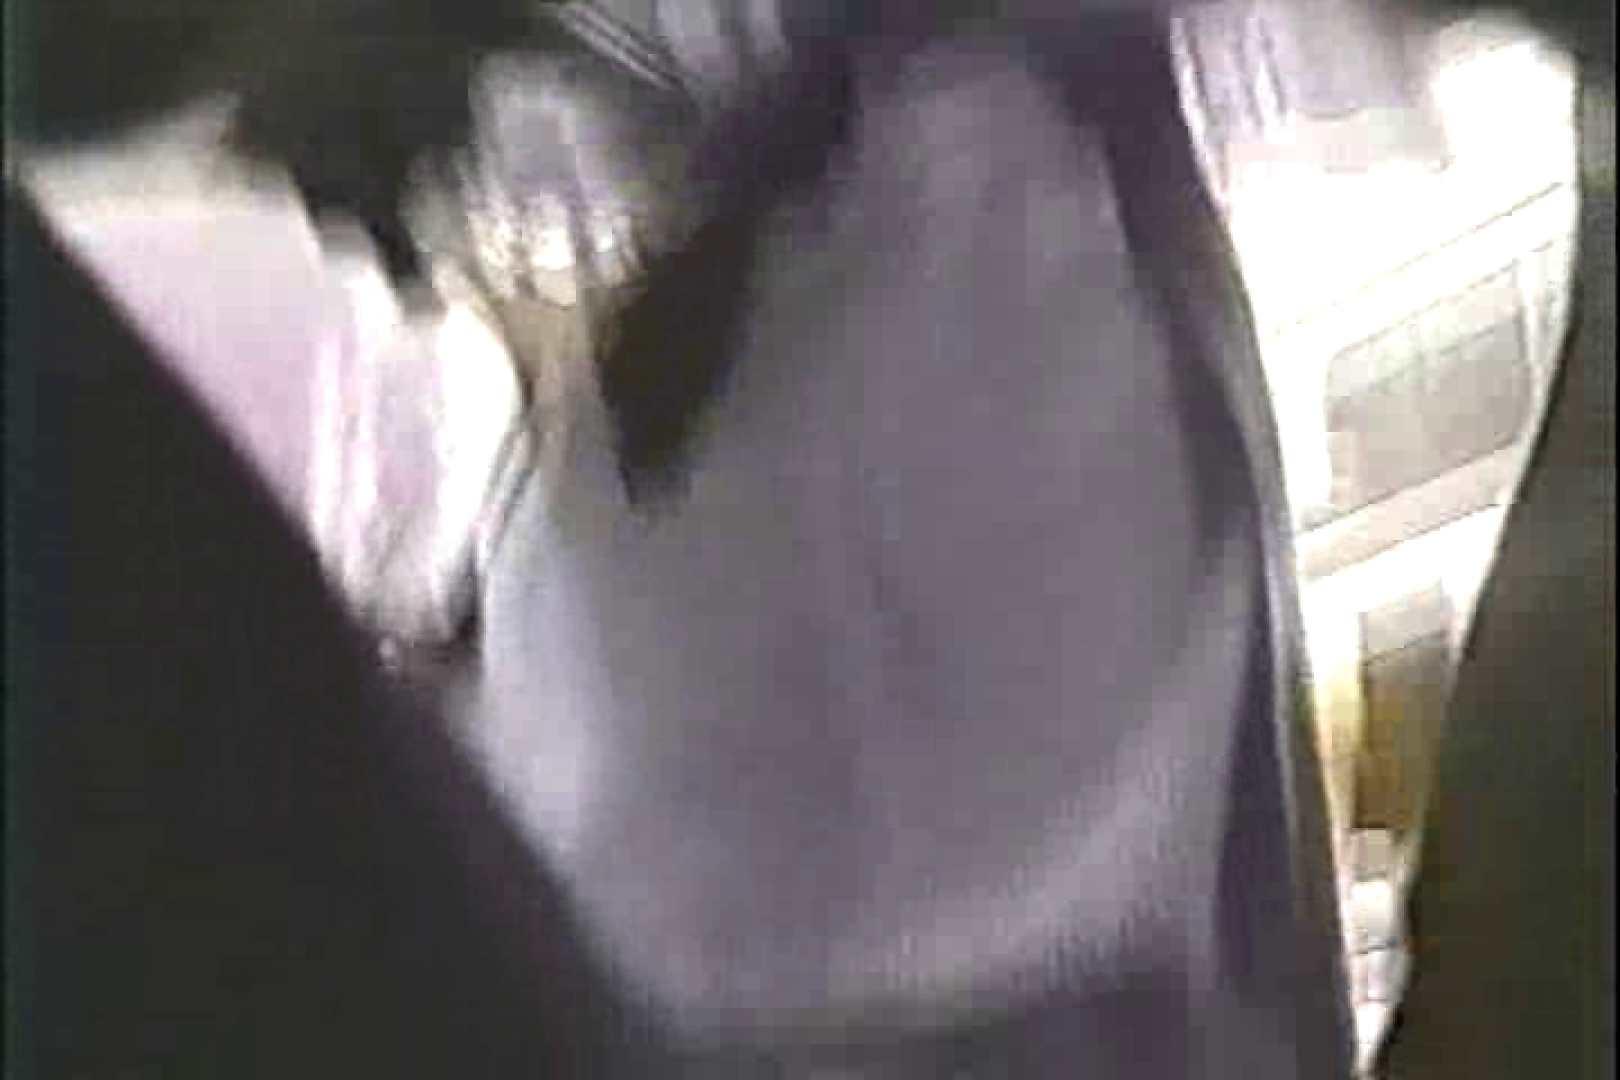 「ちくりん」さんのオリジナル未編集パンチラVol.3_01 レースクイーン 盗撮おまんこ無修正動画無料 103pic 62